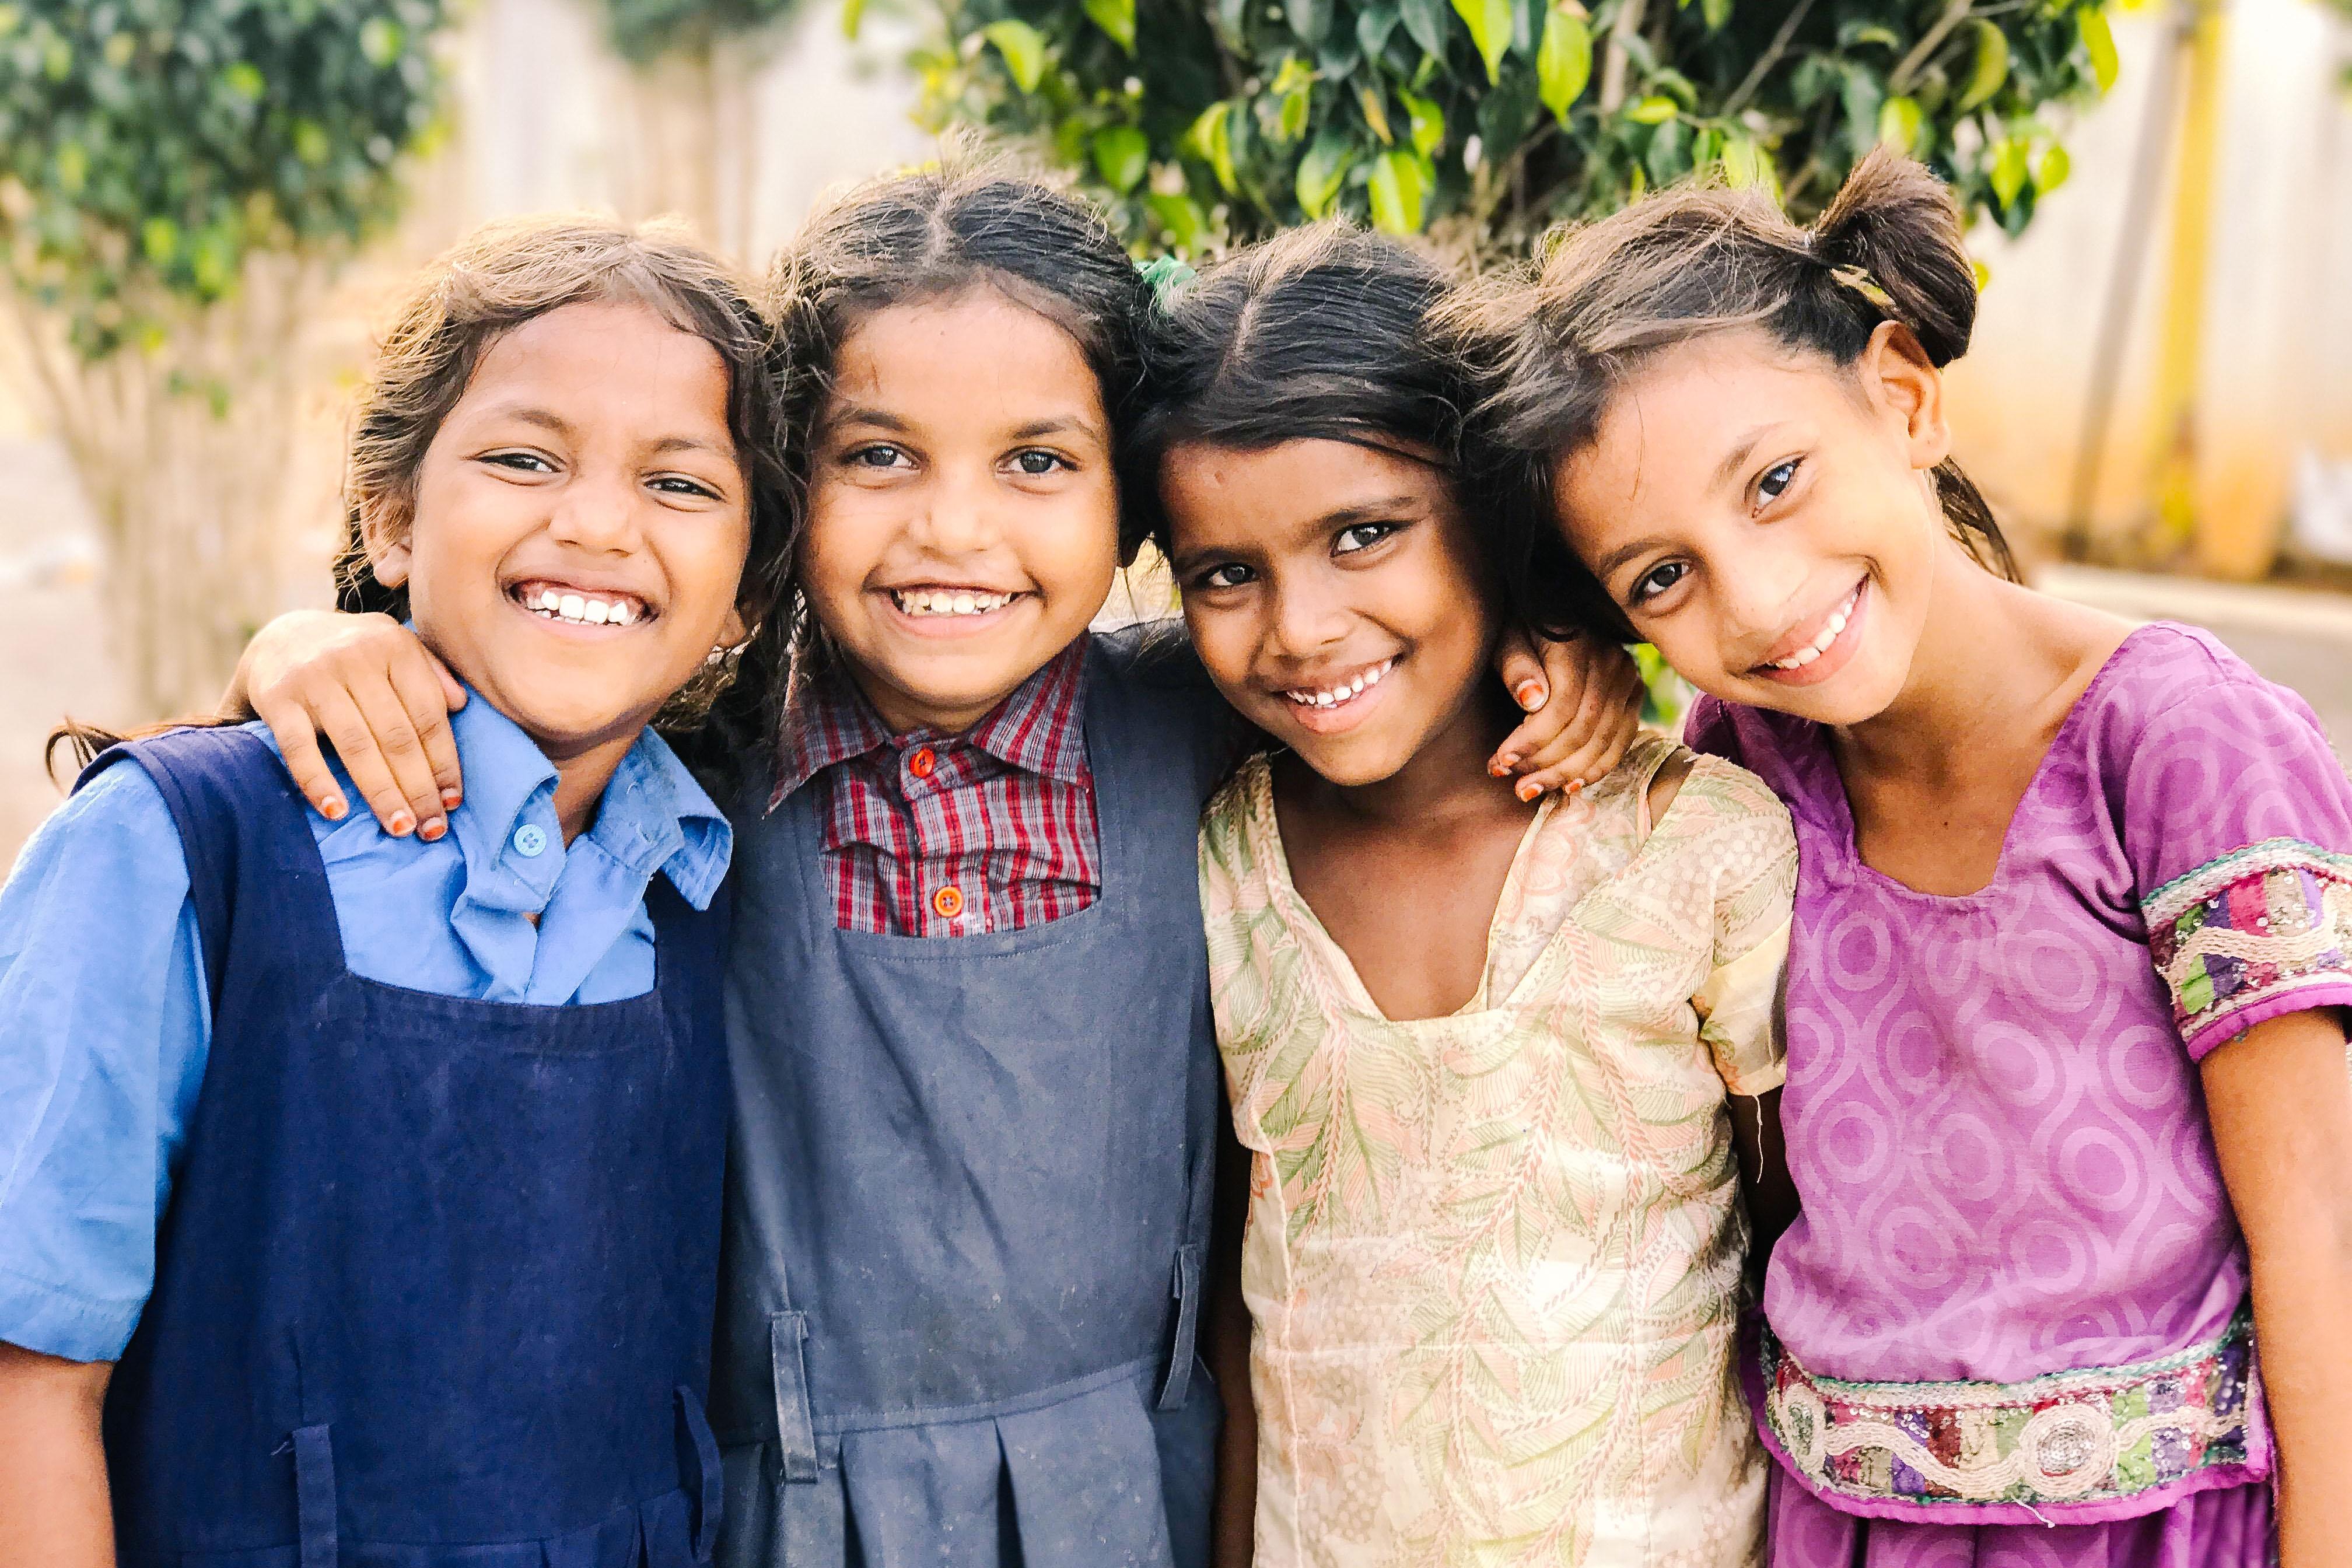 India lead photo